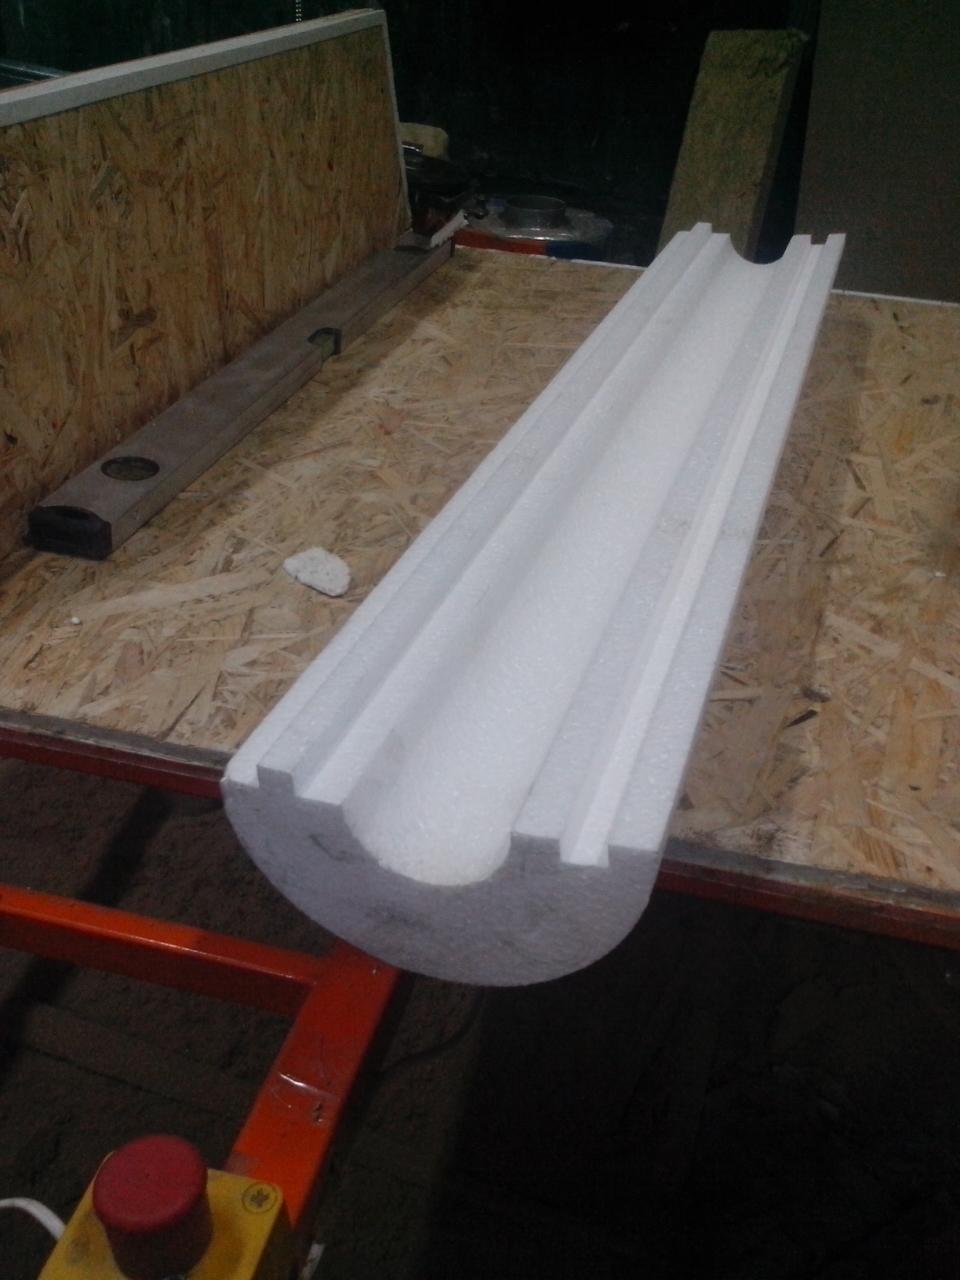 Утеплитель из пенопласта (пенополистирола) для труб Ø 57 мм толщиной 90 мм